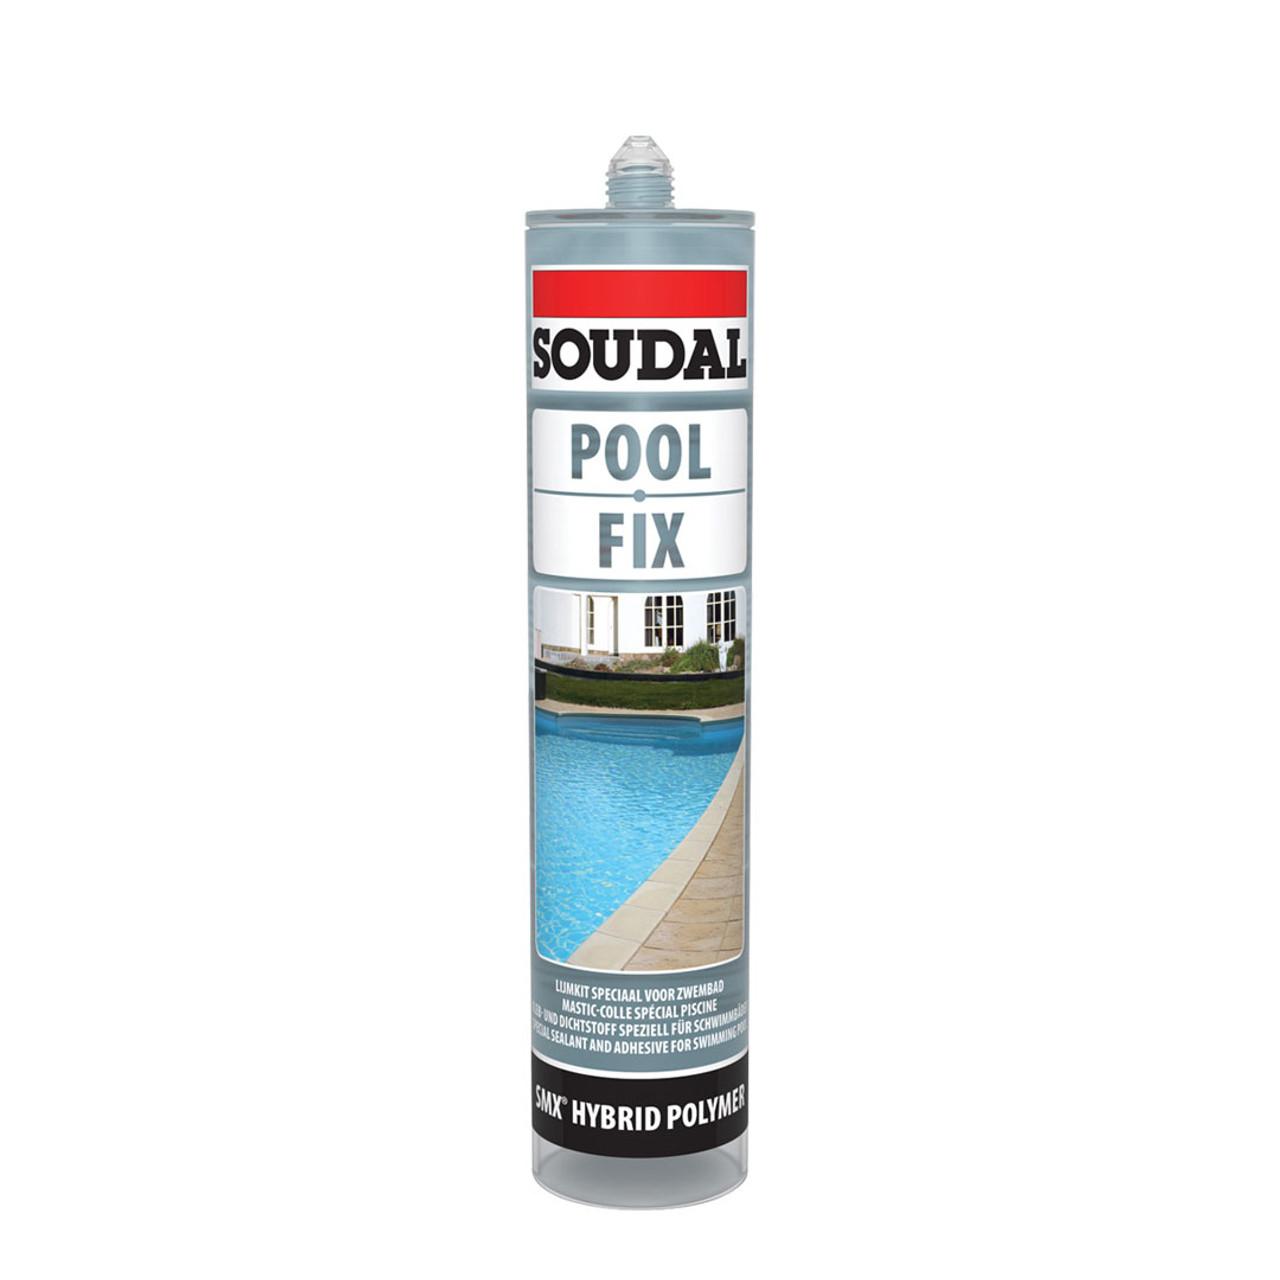 Soudal Pool Fix 290ml